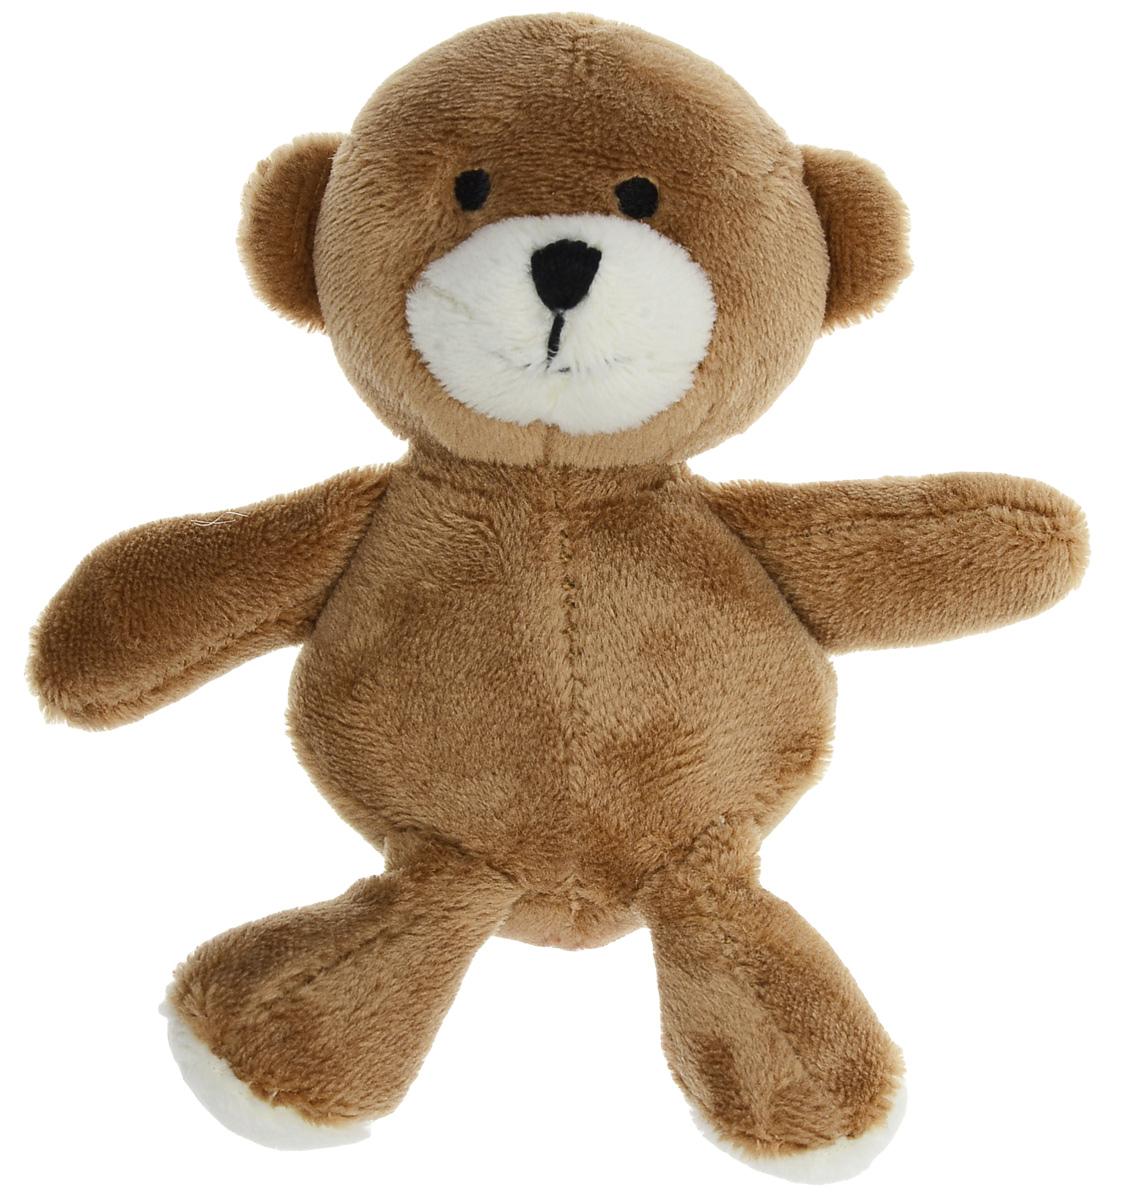 Игрушка для собак GiGwi Медведь, с пищалкой, длина 11 см75022AИгрушка для собак GiGwi Медведь порадует вашу собаку и доставит ей море веселья. Несмотря на большое количество материалов, большинство собак для игры выбирают классические плюшевые игрушки. Такие игрушки можно носить, уютно прижиматься во сне, жевать. Некоторые собаки просто любят взять в зубы игрушку и ходить с ней повсюду. Мягкие игрушки сохраняют запах питомца, поэтому он каждый раз к ней возвращается. Милые, мягкие и приятные зверушки характеризуются высоким качеством исполнения и привлекательным дизайном. Игрушка снабжена пищалкой, которая привлекает внимание животного.